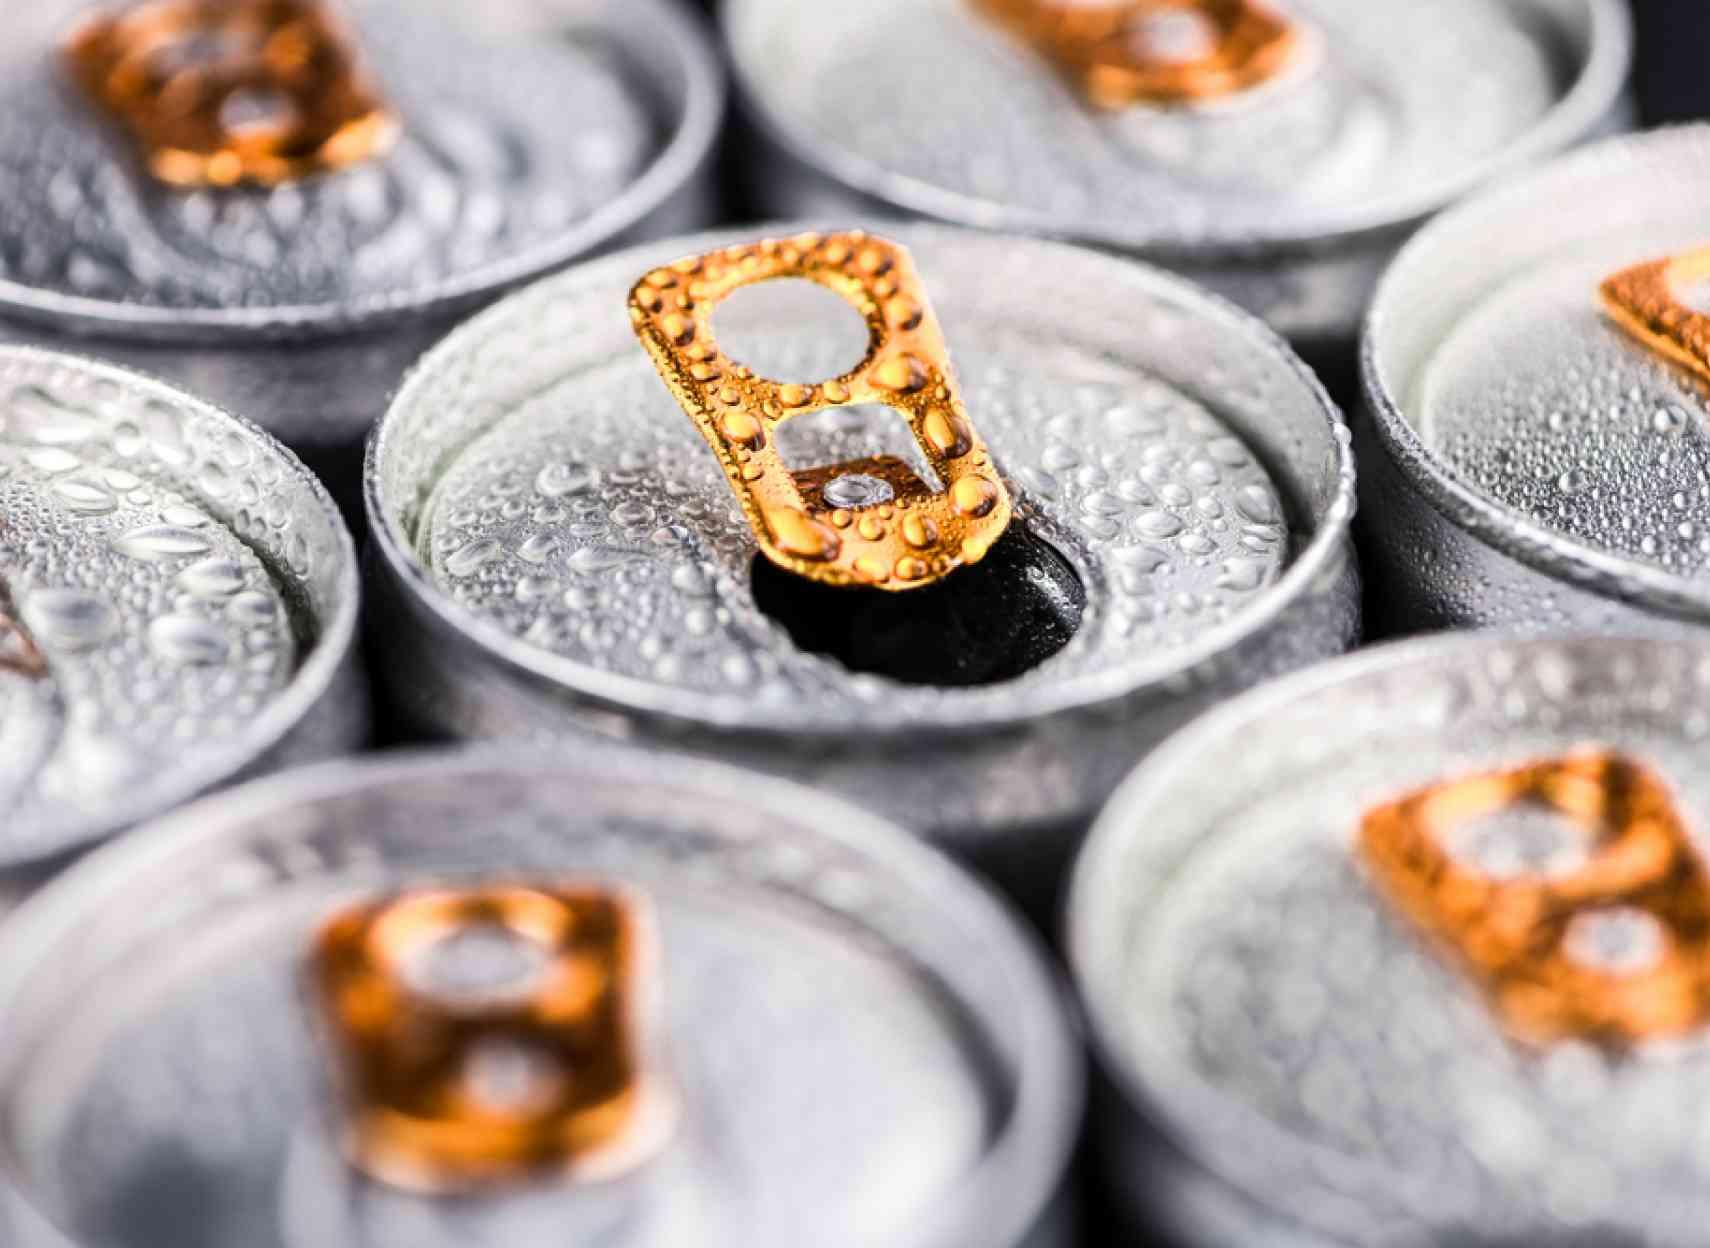 Les dangers de l'alcool et des boissons énergisantes